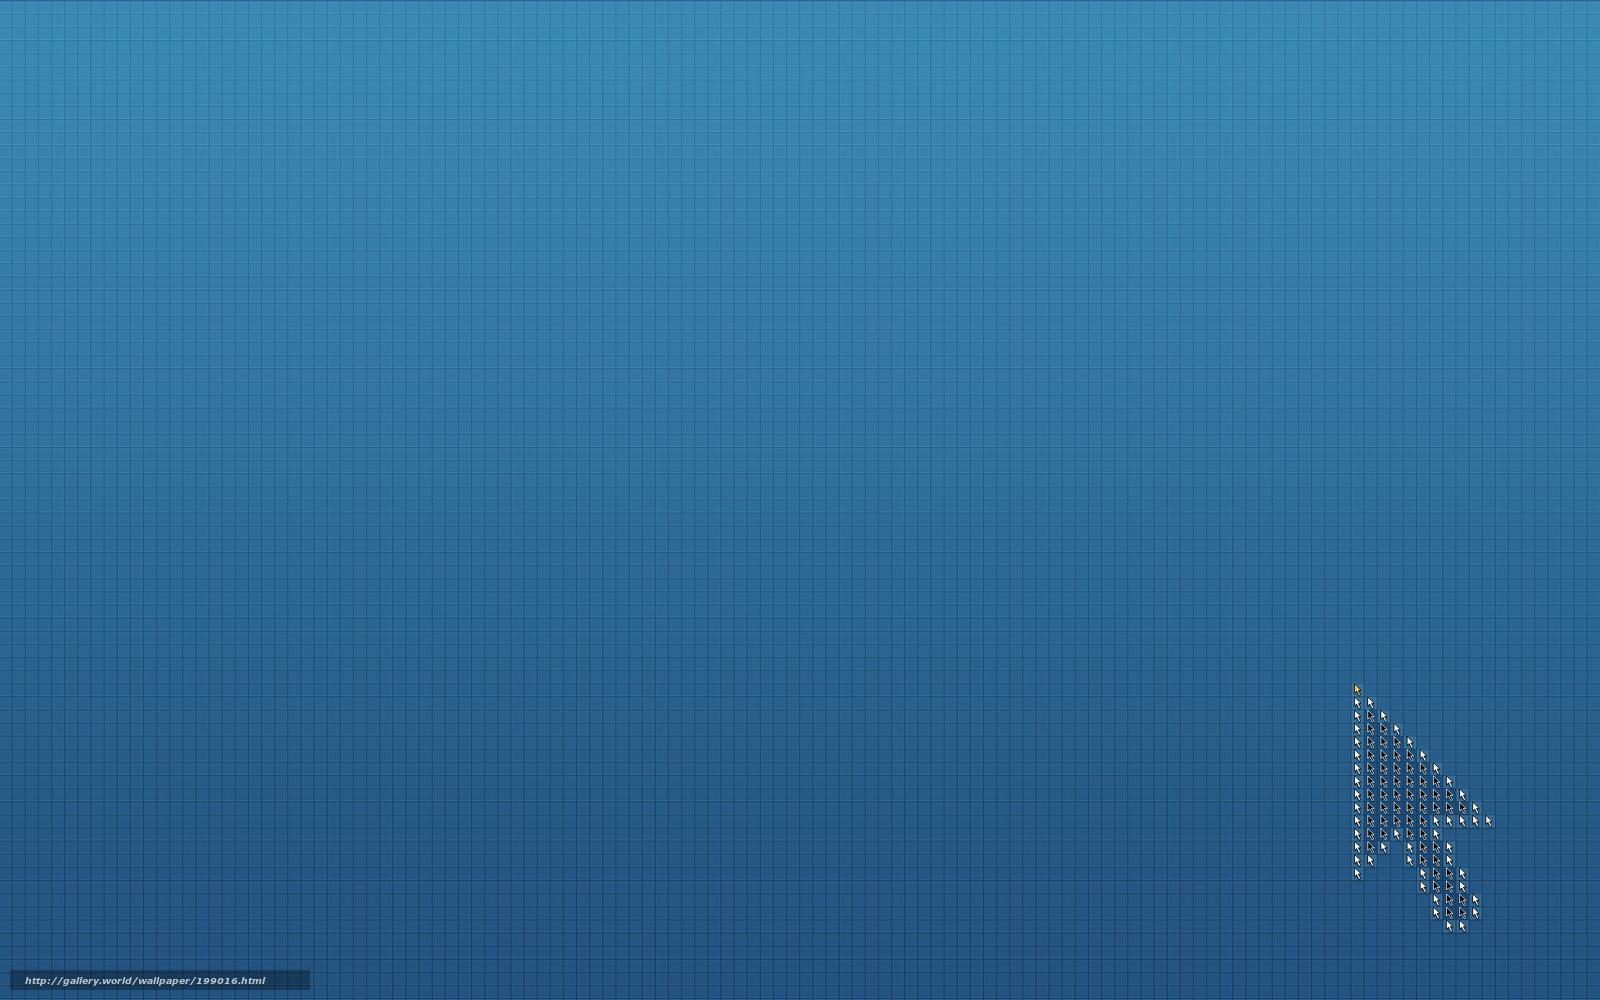 Скачать обои vladstudio,   клетки,   курсор,   стрелки бесплатно для рабочего стола в разрешении 2560x1600 — картинка №199016